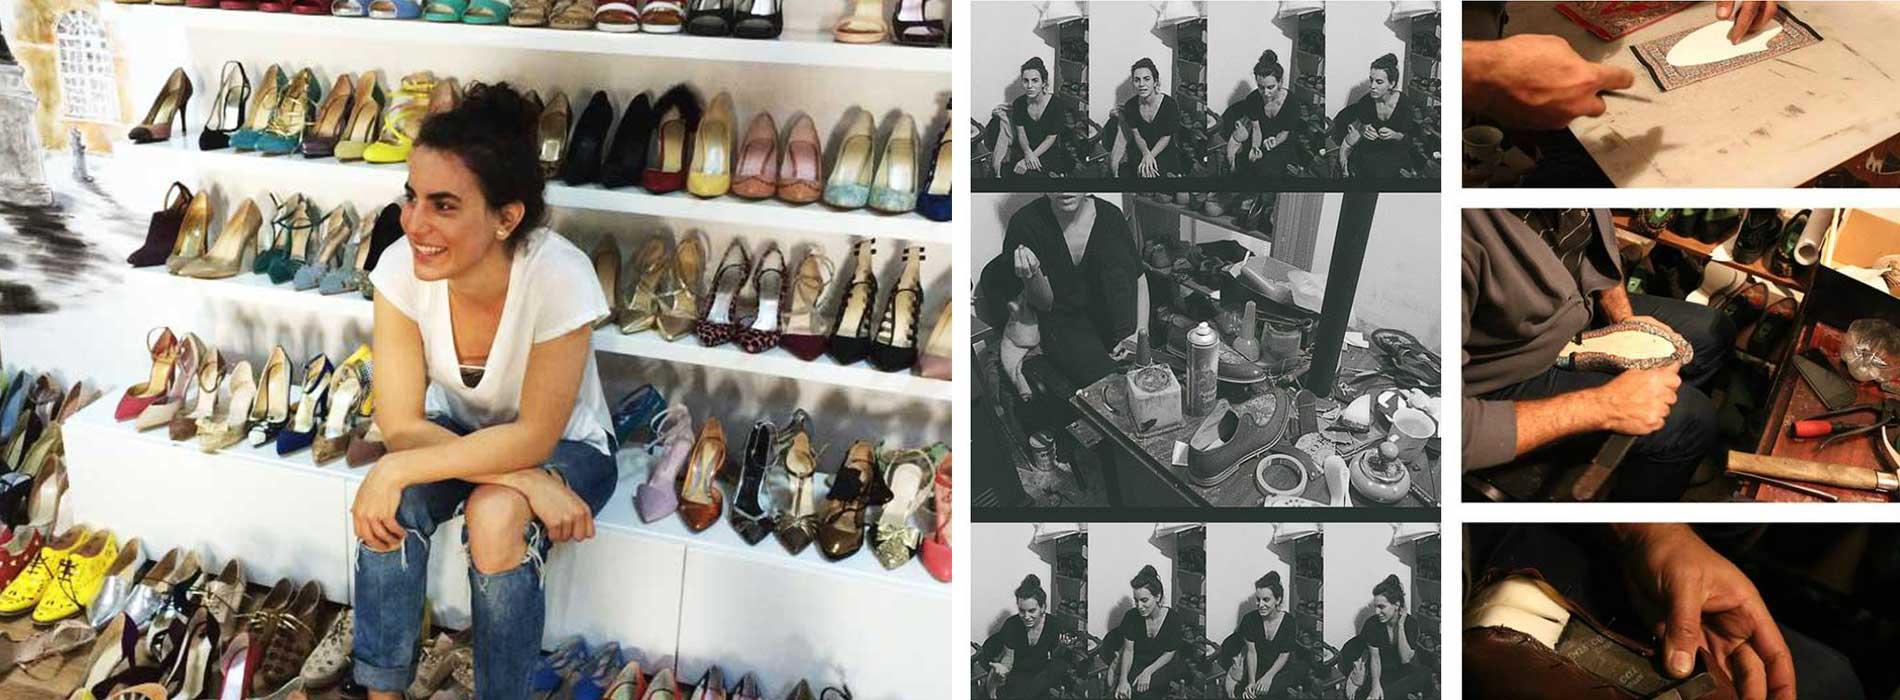 Bianca Georgescu.  Obiect de cult. Inserţii persane. Design de pantofi